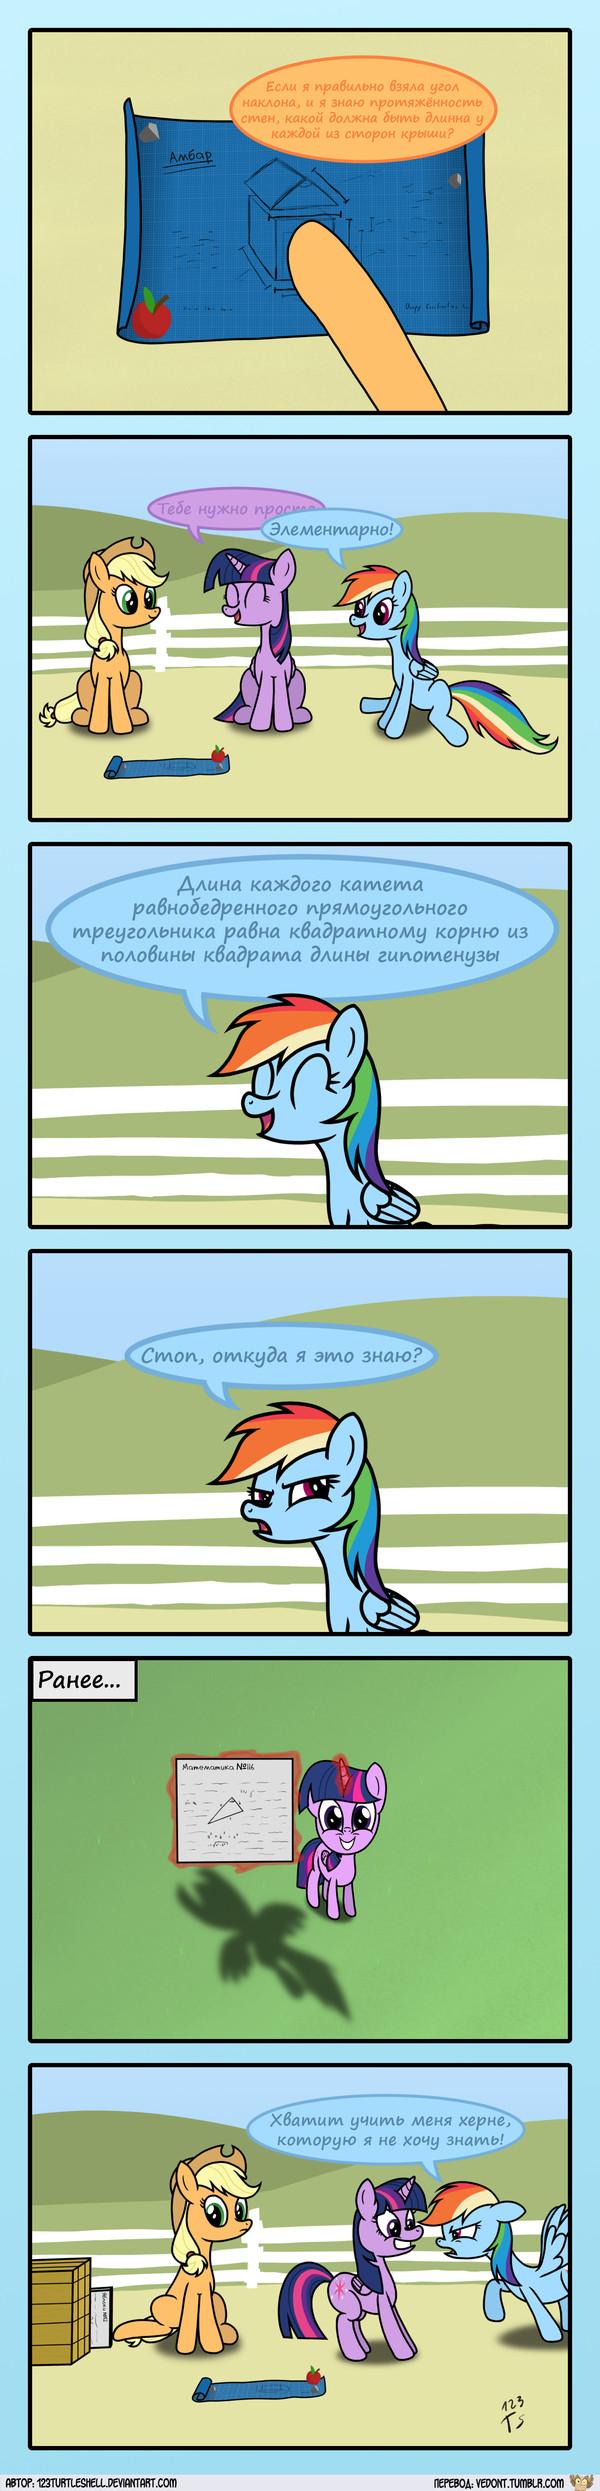 [Перевод] Подсознательное обучение Перевод, комиксы, my little pony, AppleJack, rainbow dash, Twilight Sparkle, длиннопост